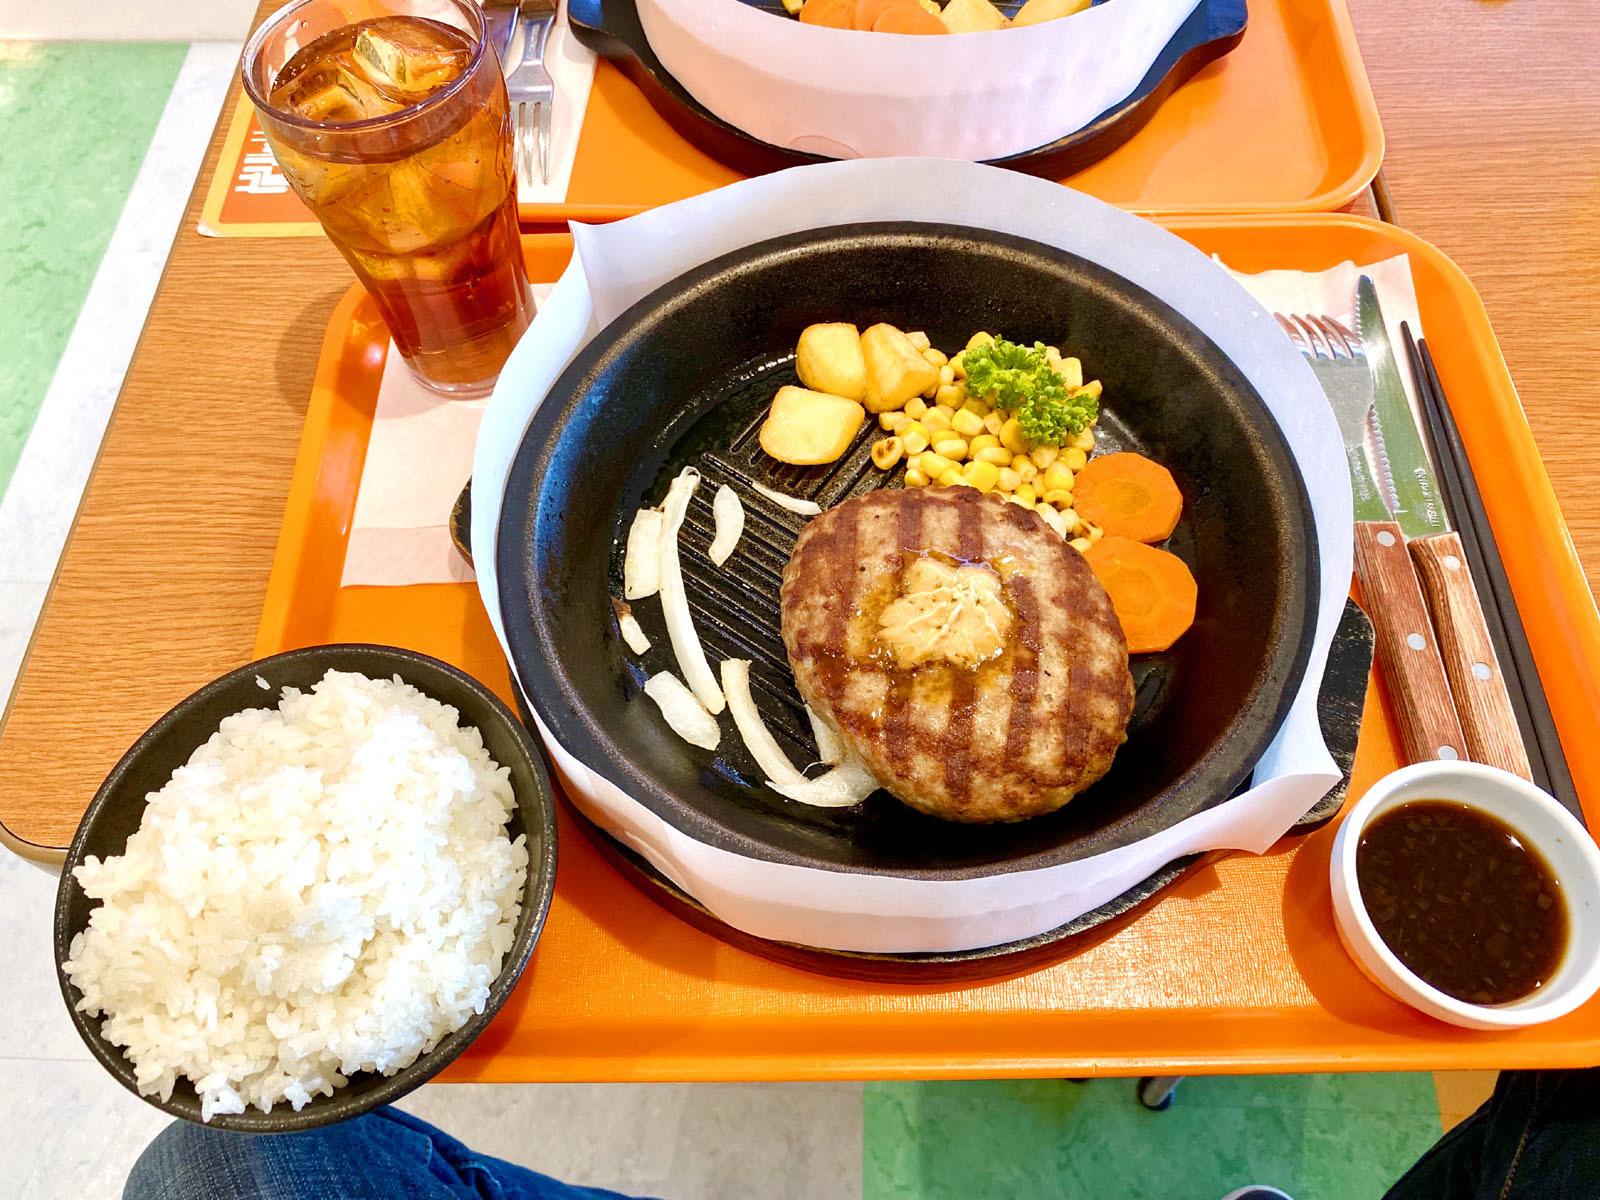 ビーフ肉塊ハンバーグ200g(ライス大盛無料) 920円